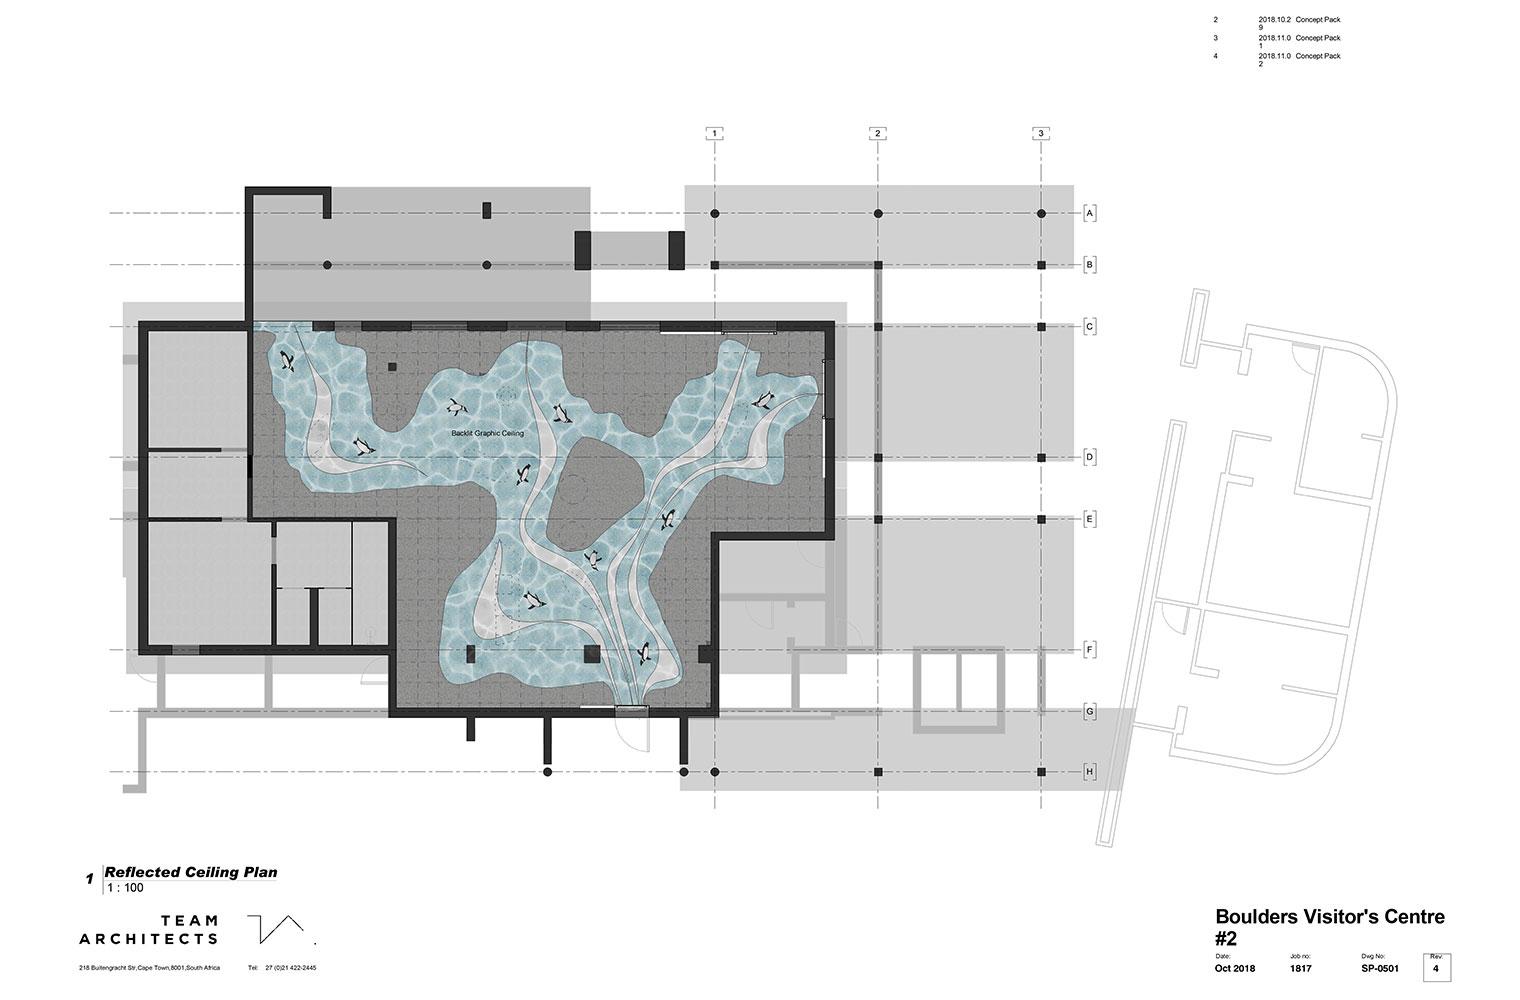 Boulders visitors centre – Ceiling Plan